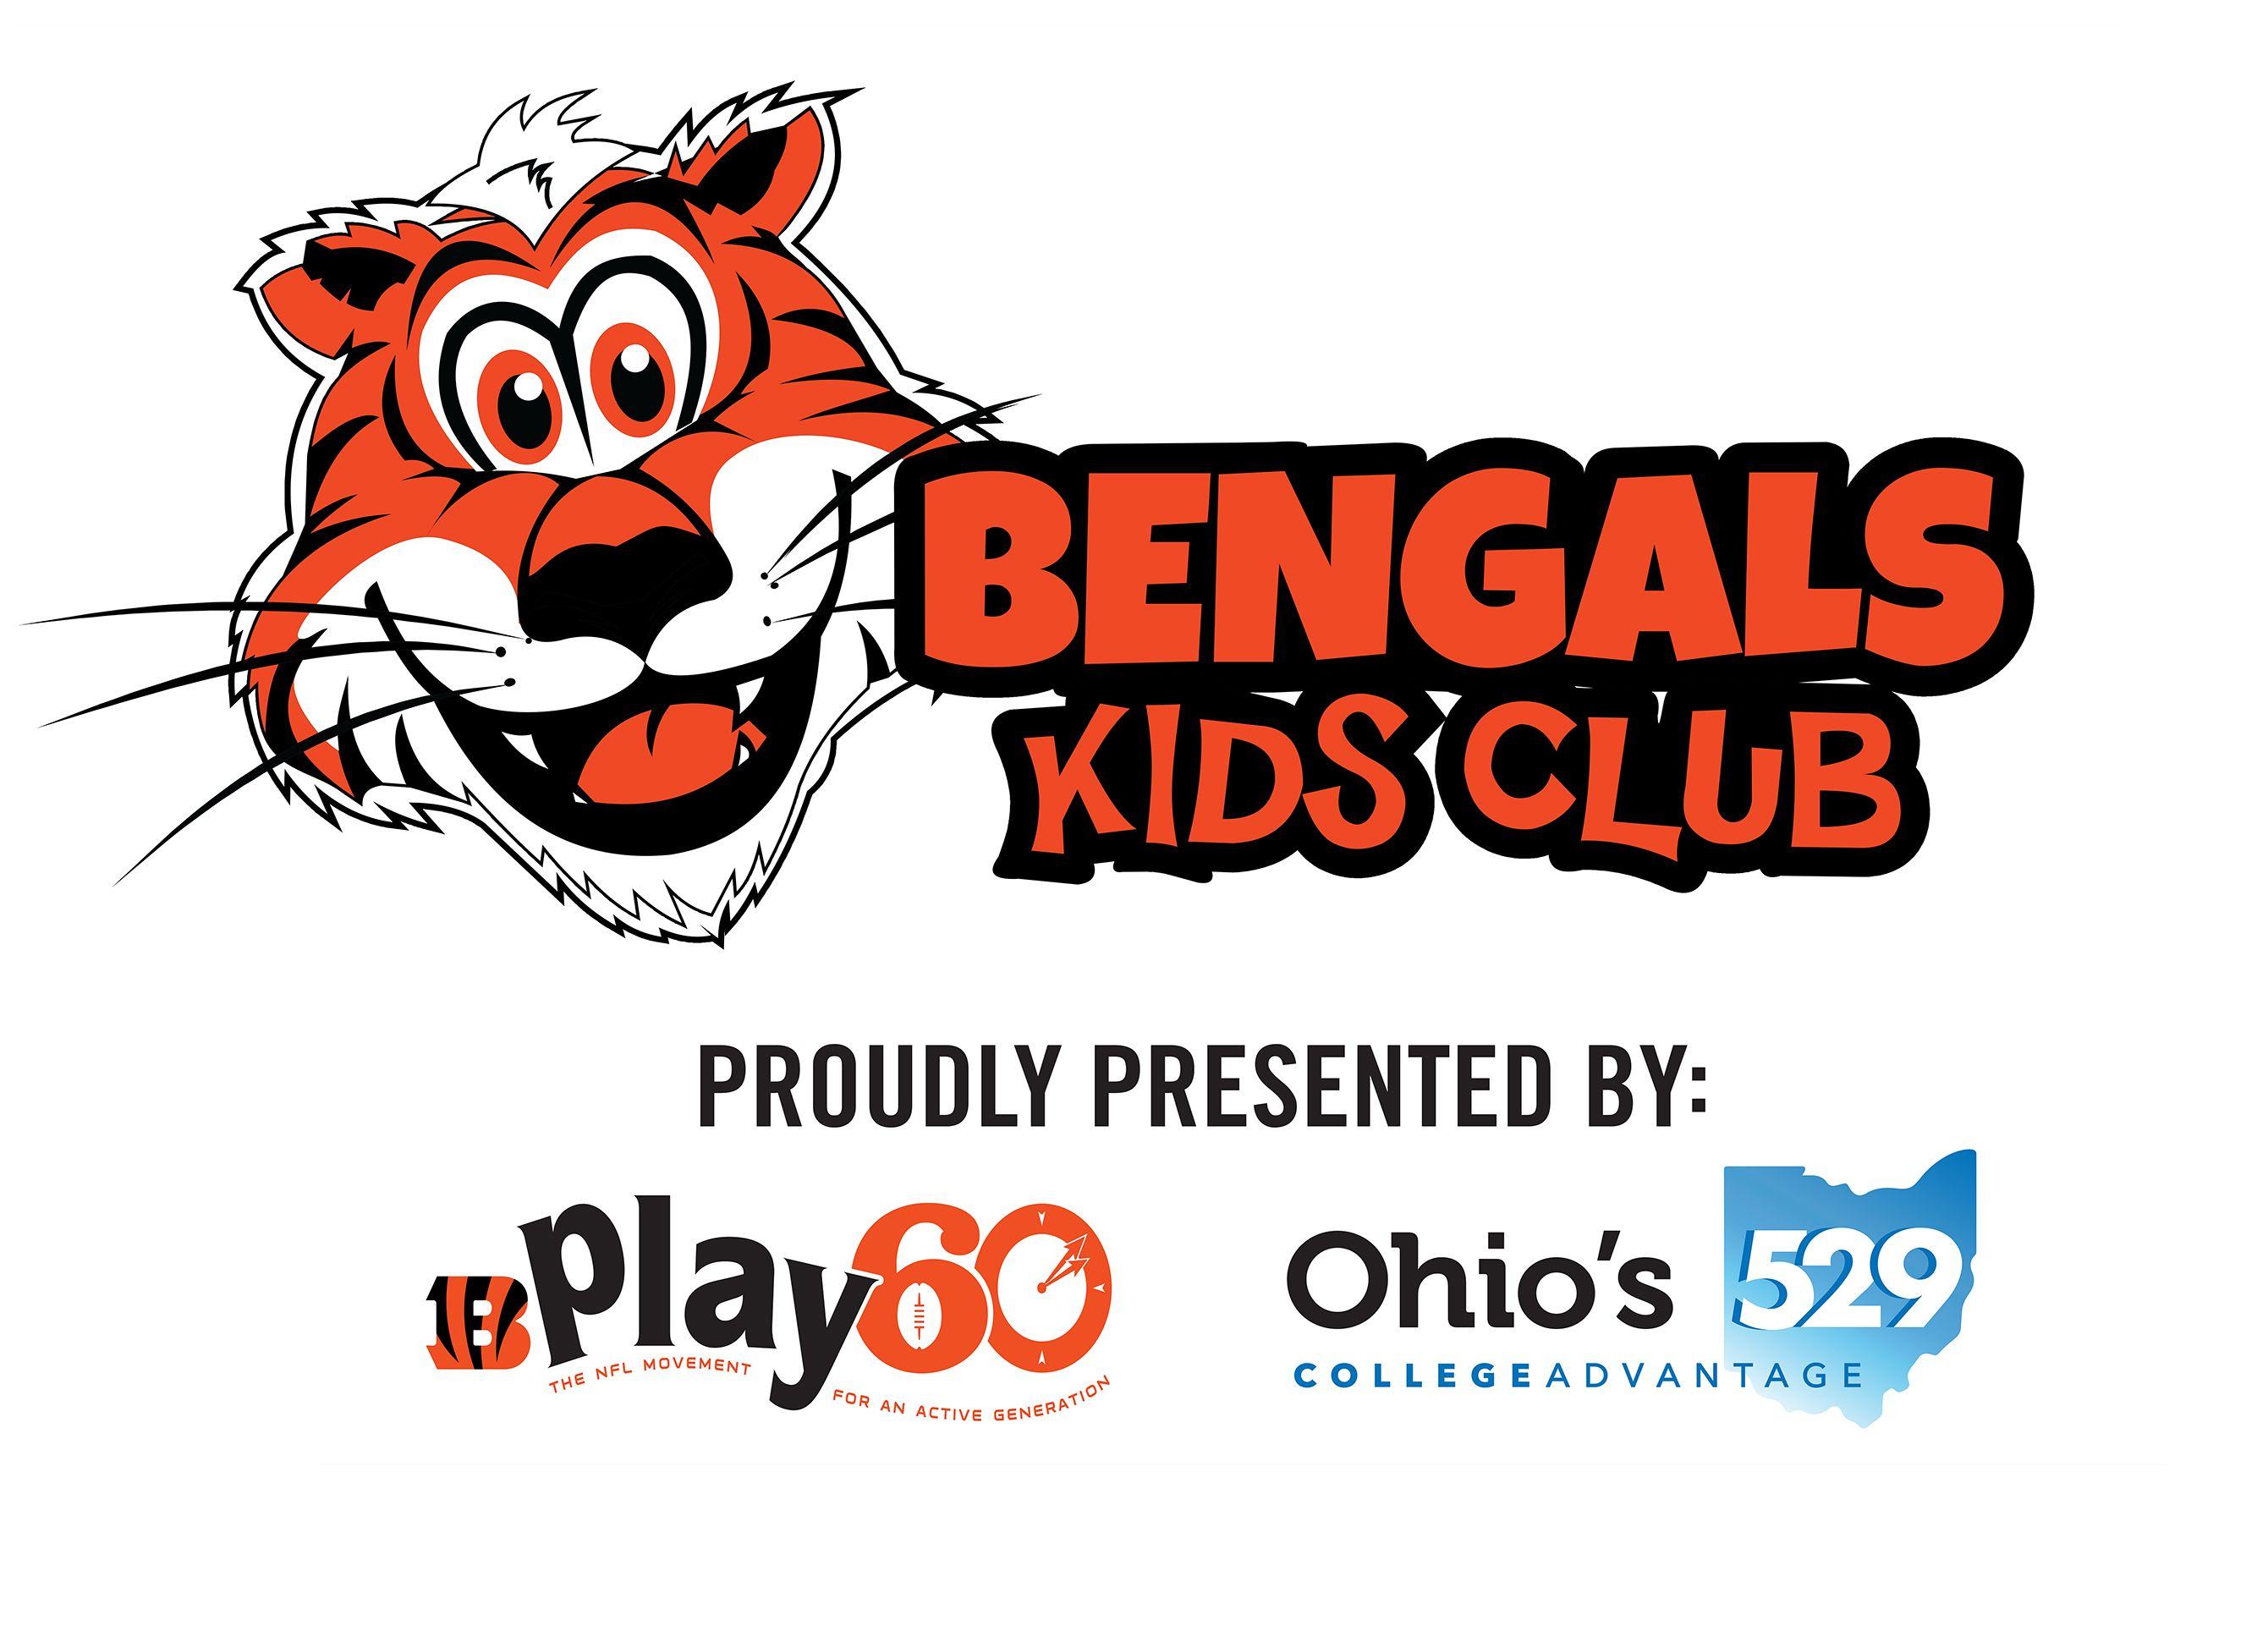 2019 Kids Club Logo with sponsors (OTTA)